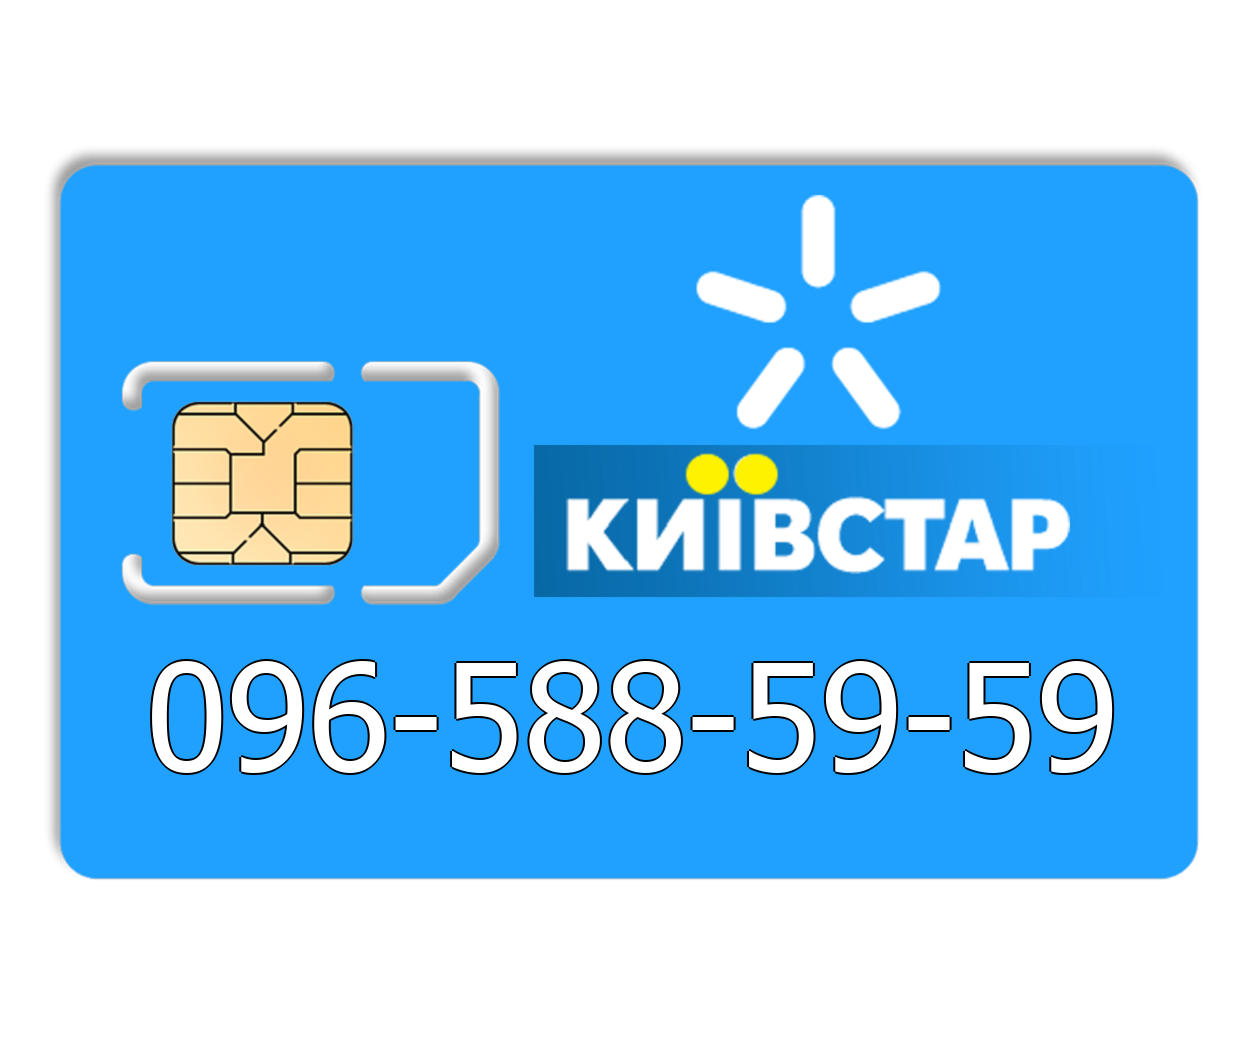 Красивый номер Киевстар 096-588-59-59